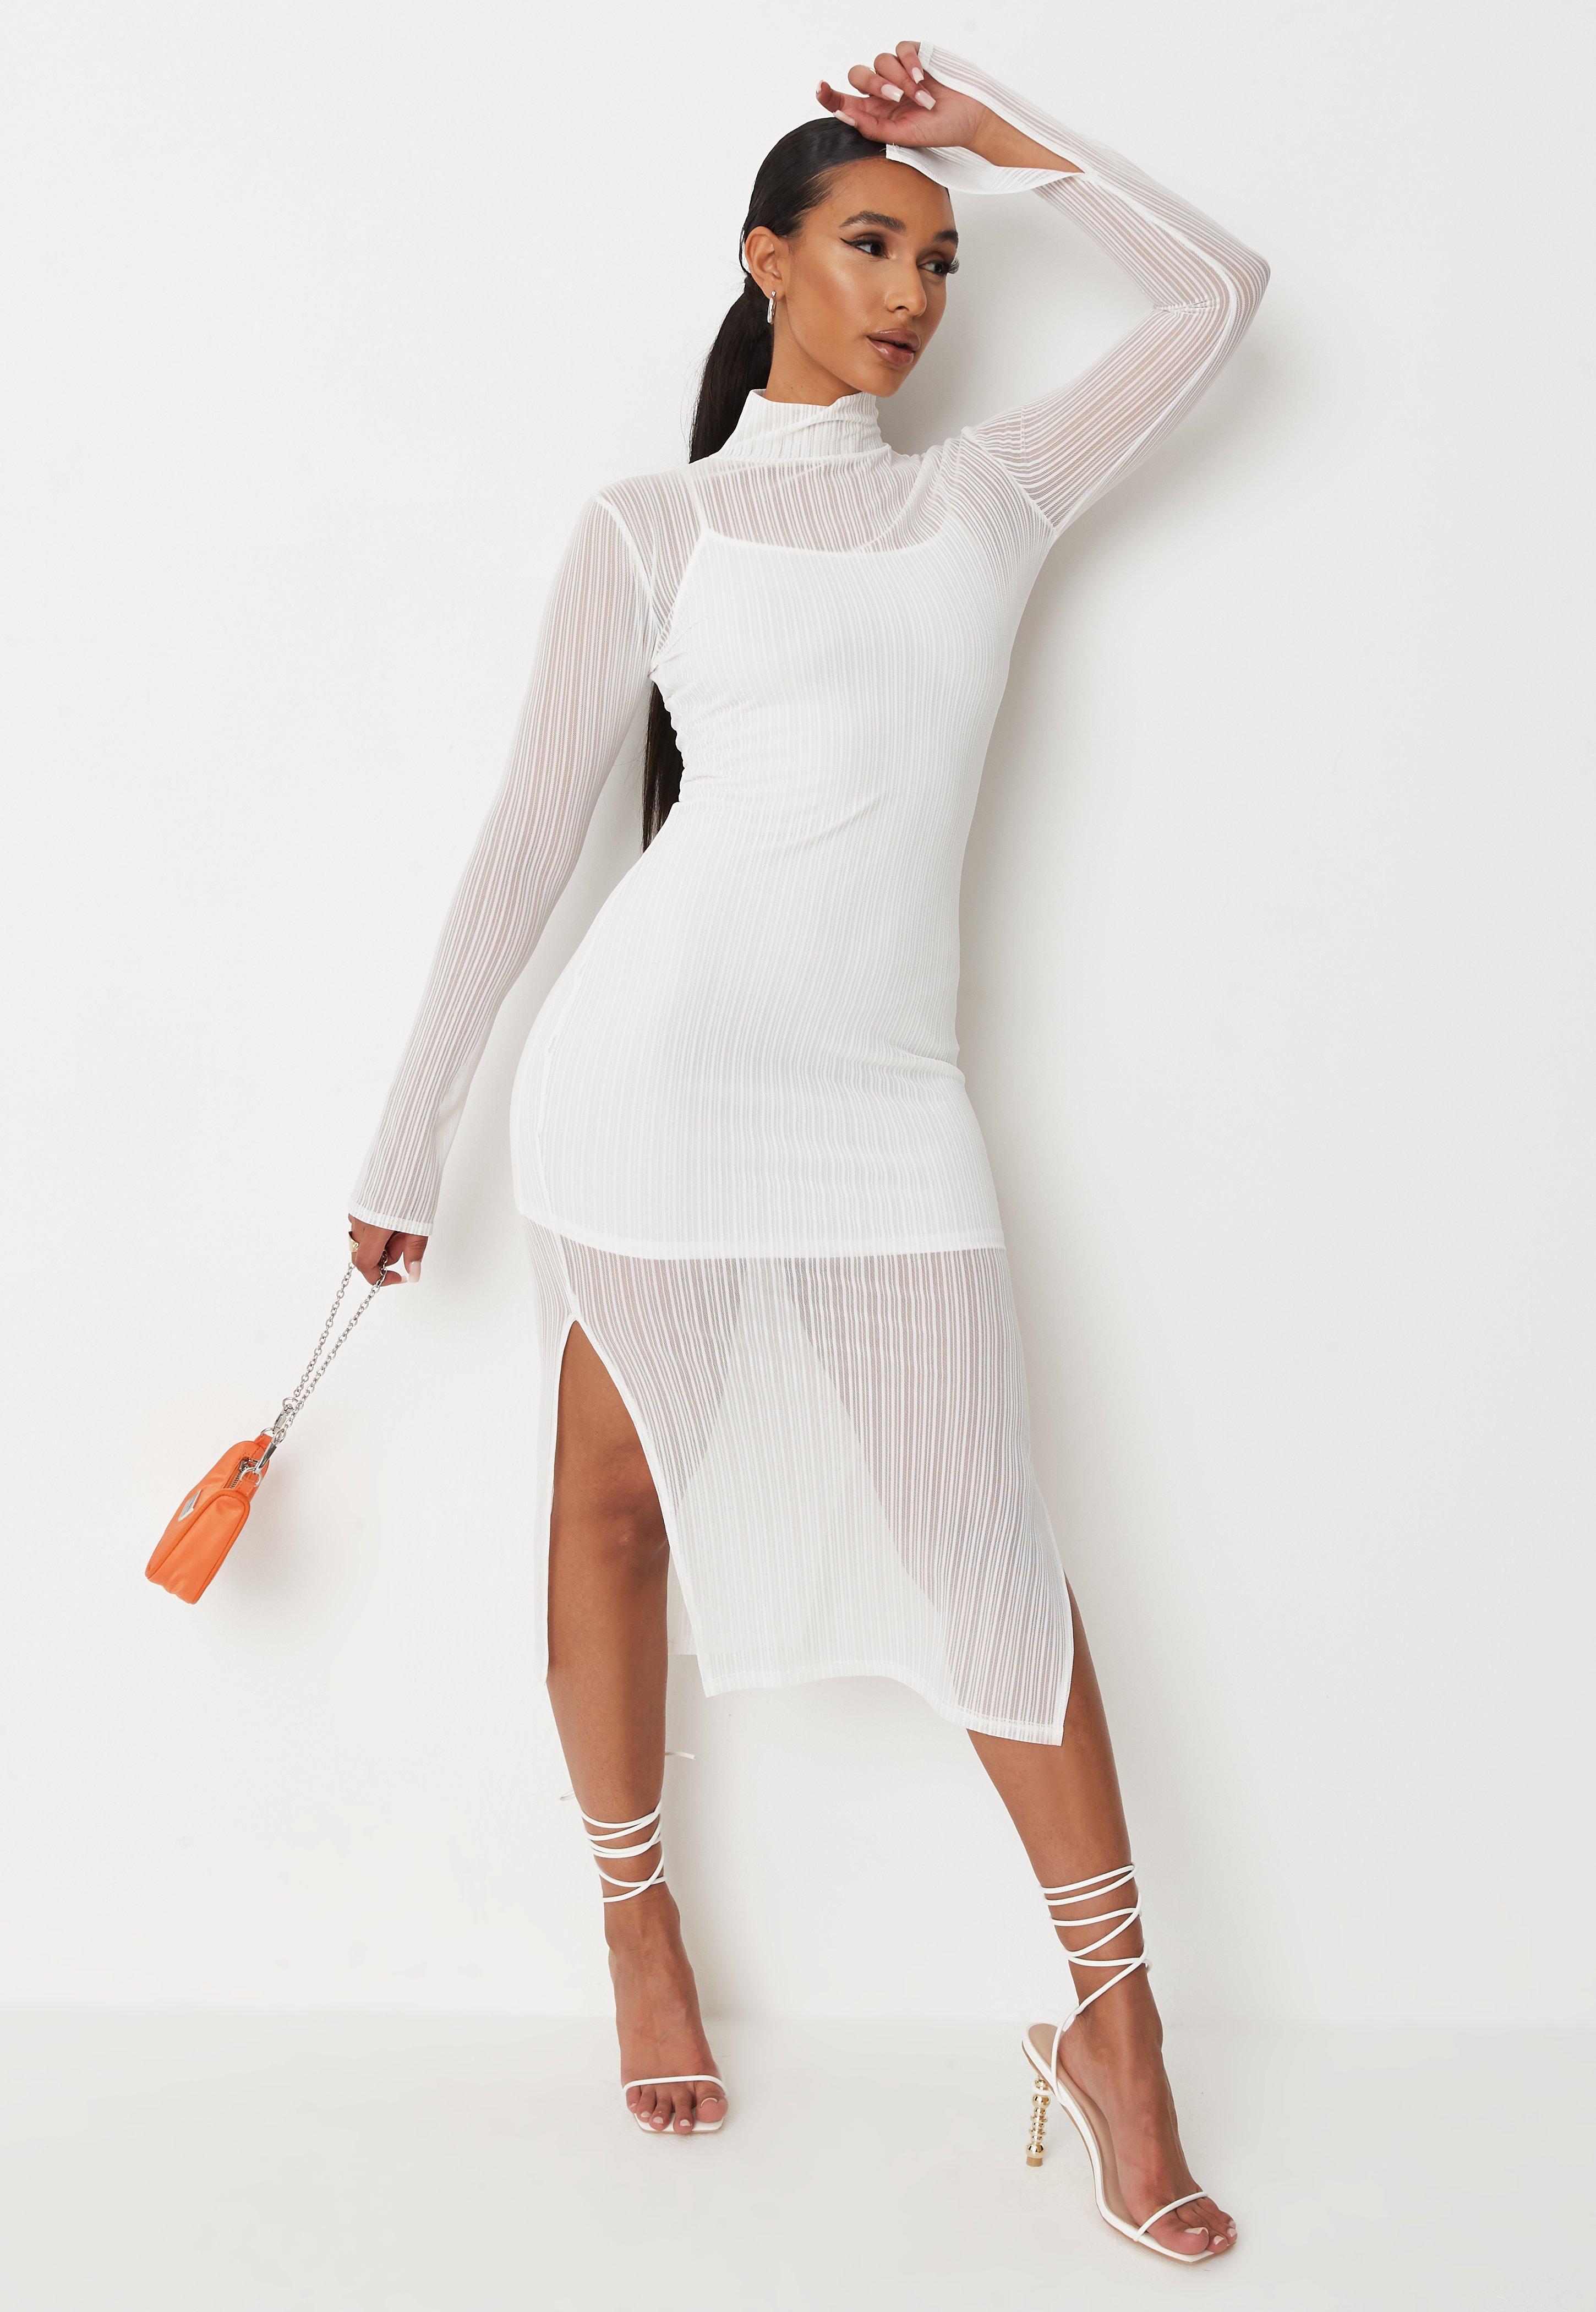 Weisse kleider kurz